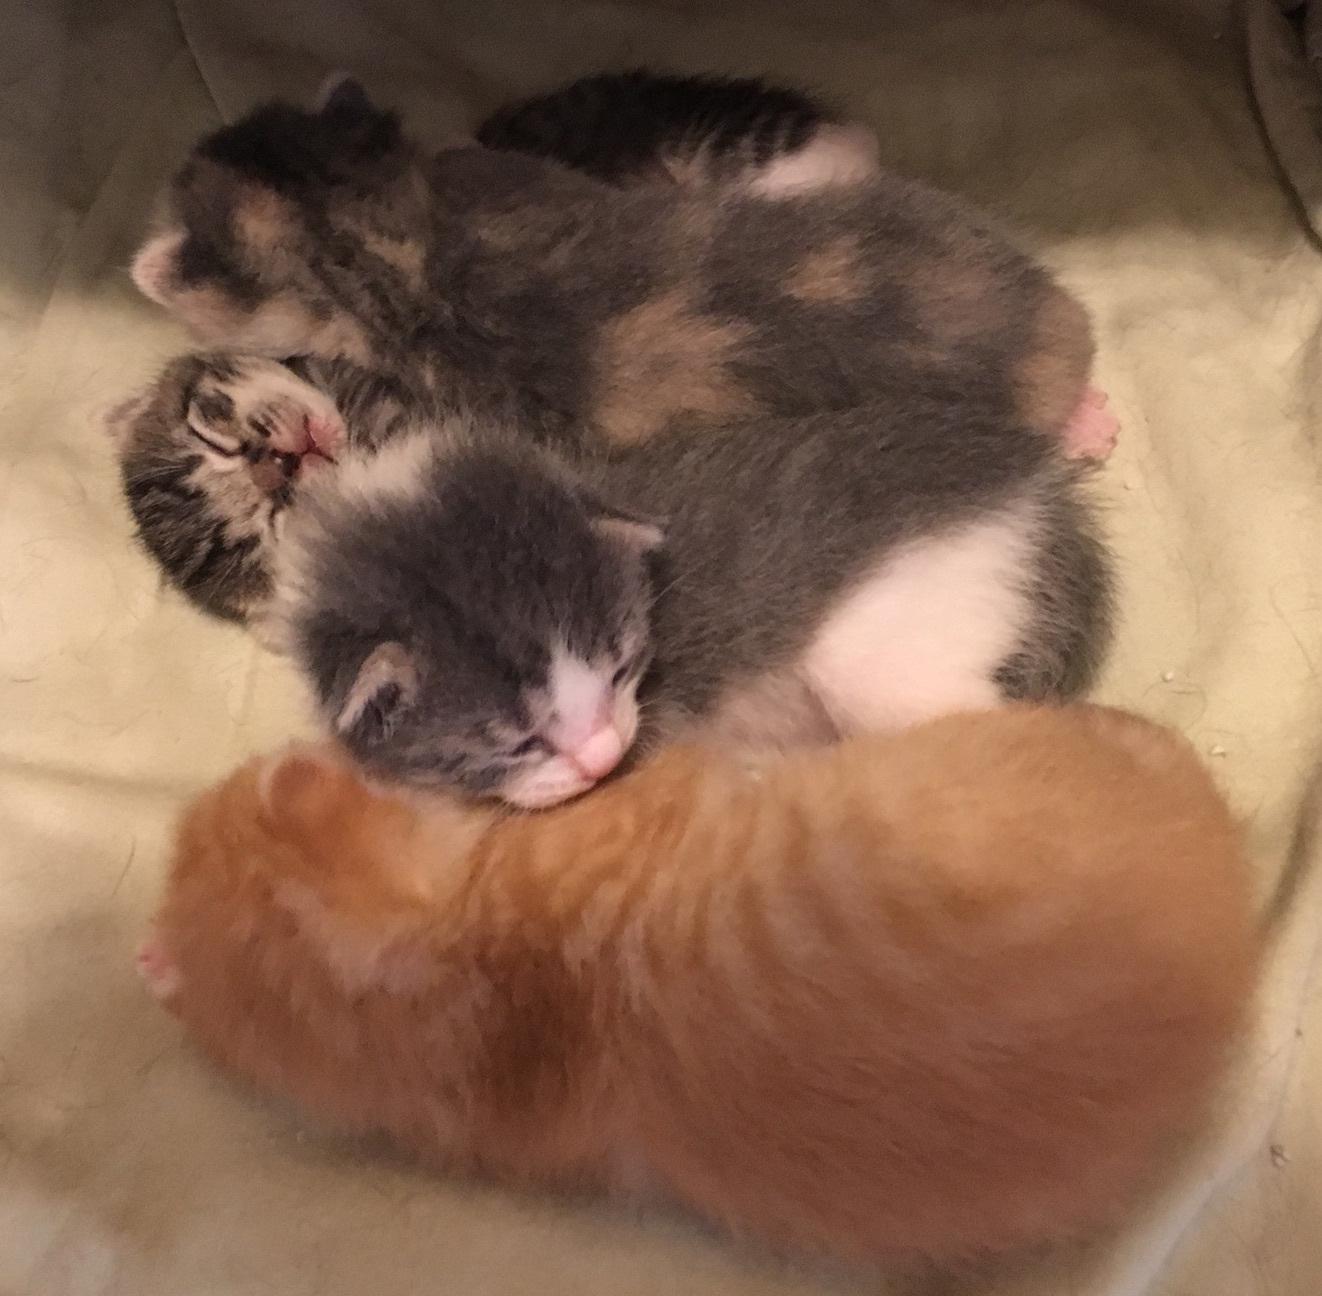 tiny kittens cuddling